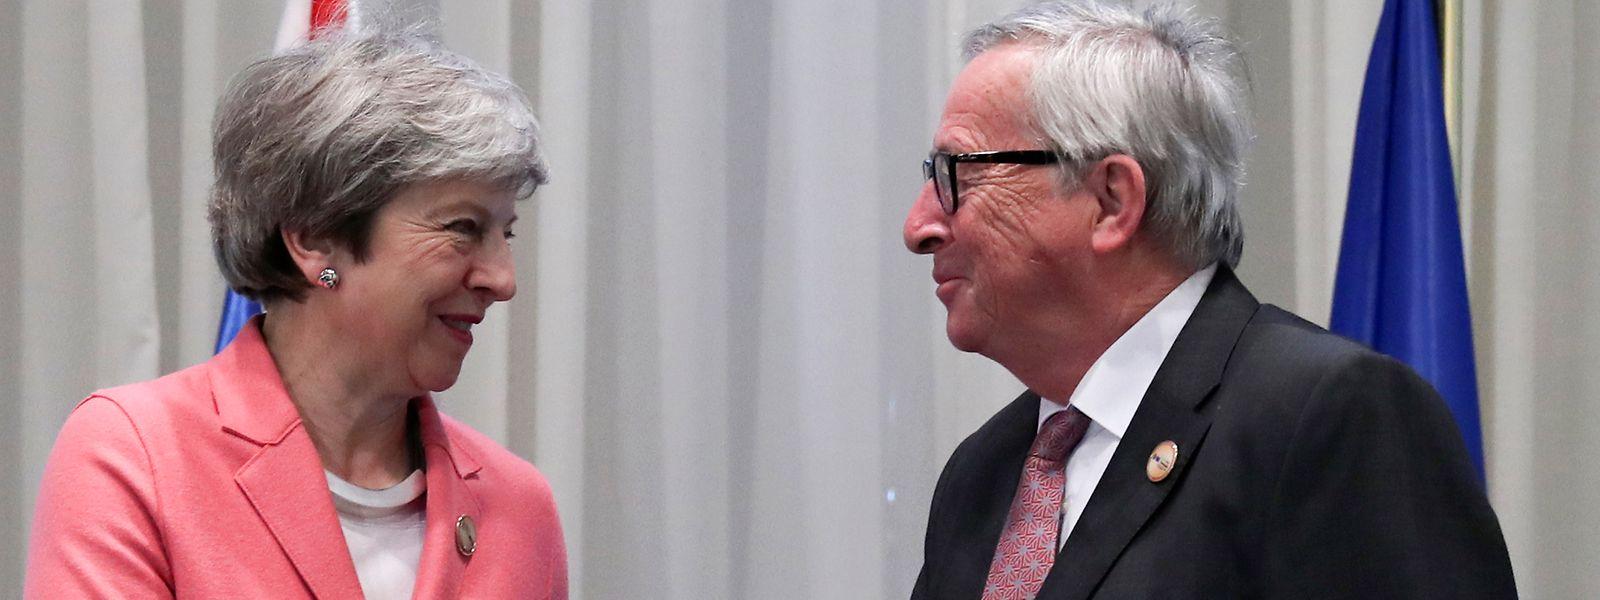 La Première ministre britannique Theresa May et le président de la Commission européenne à Charm el-Cheikh lors du sommet entre l'UE et la Ligue arabe.